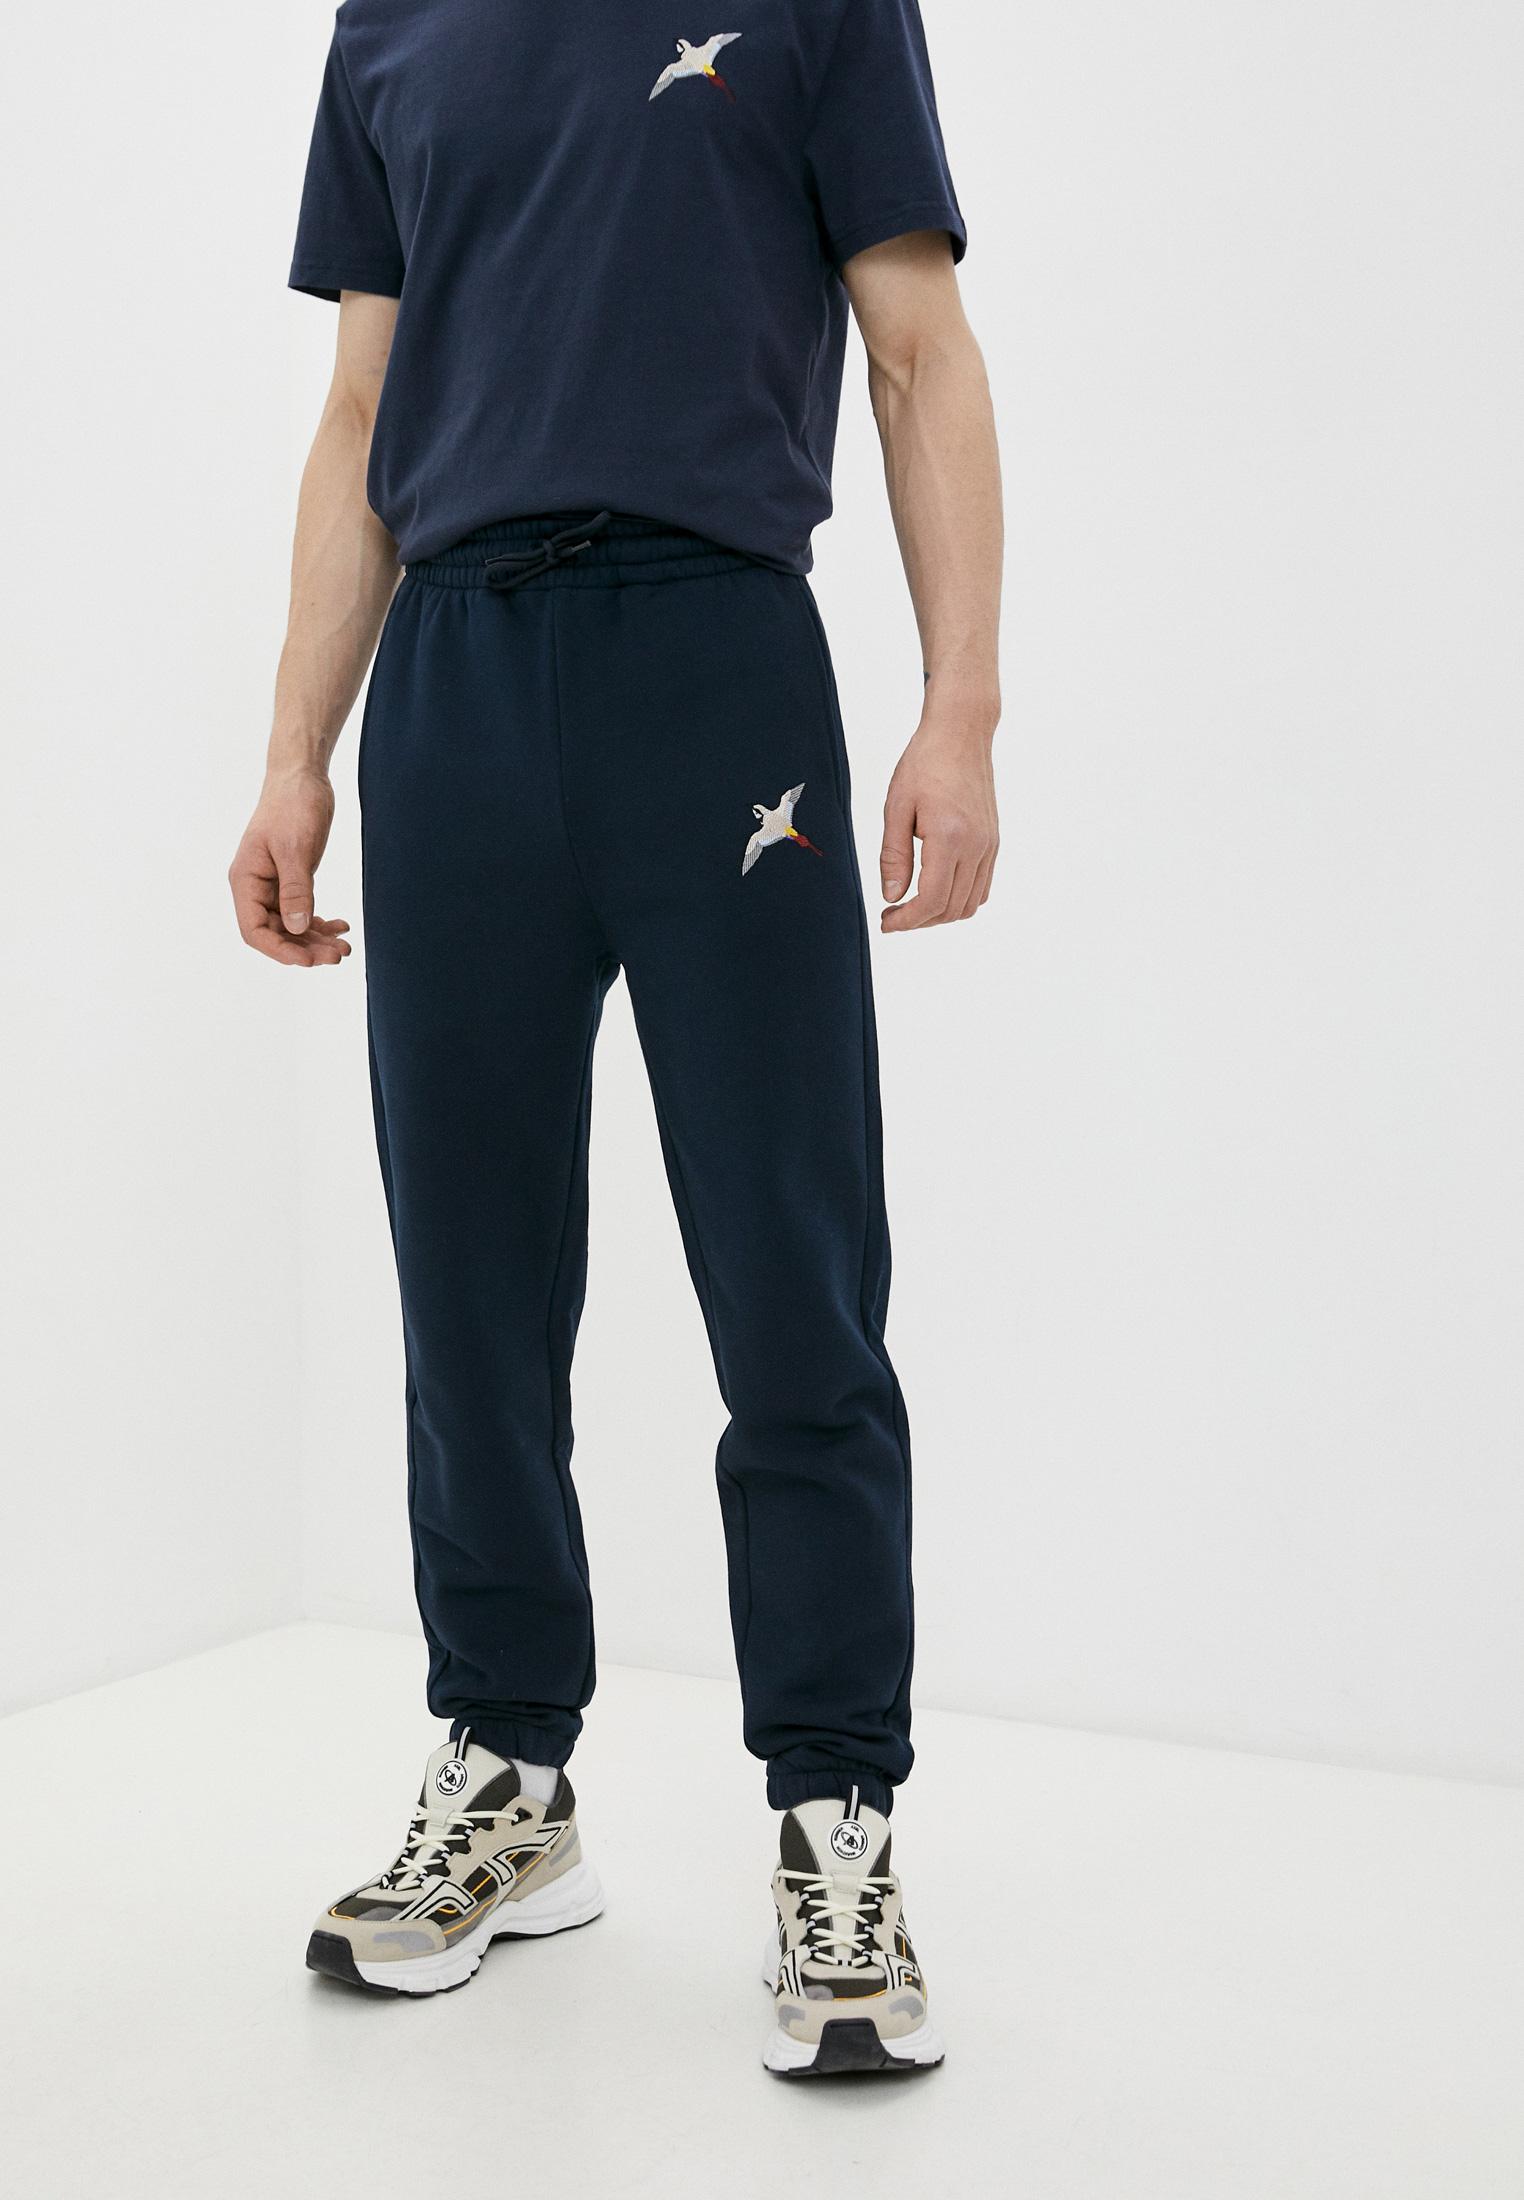 Мужские спортивные брюки Axel Arigato Брюки спортивные Axel Arigato